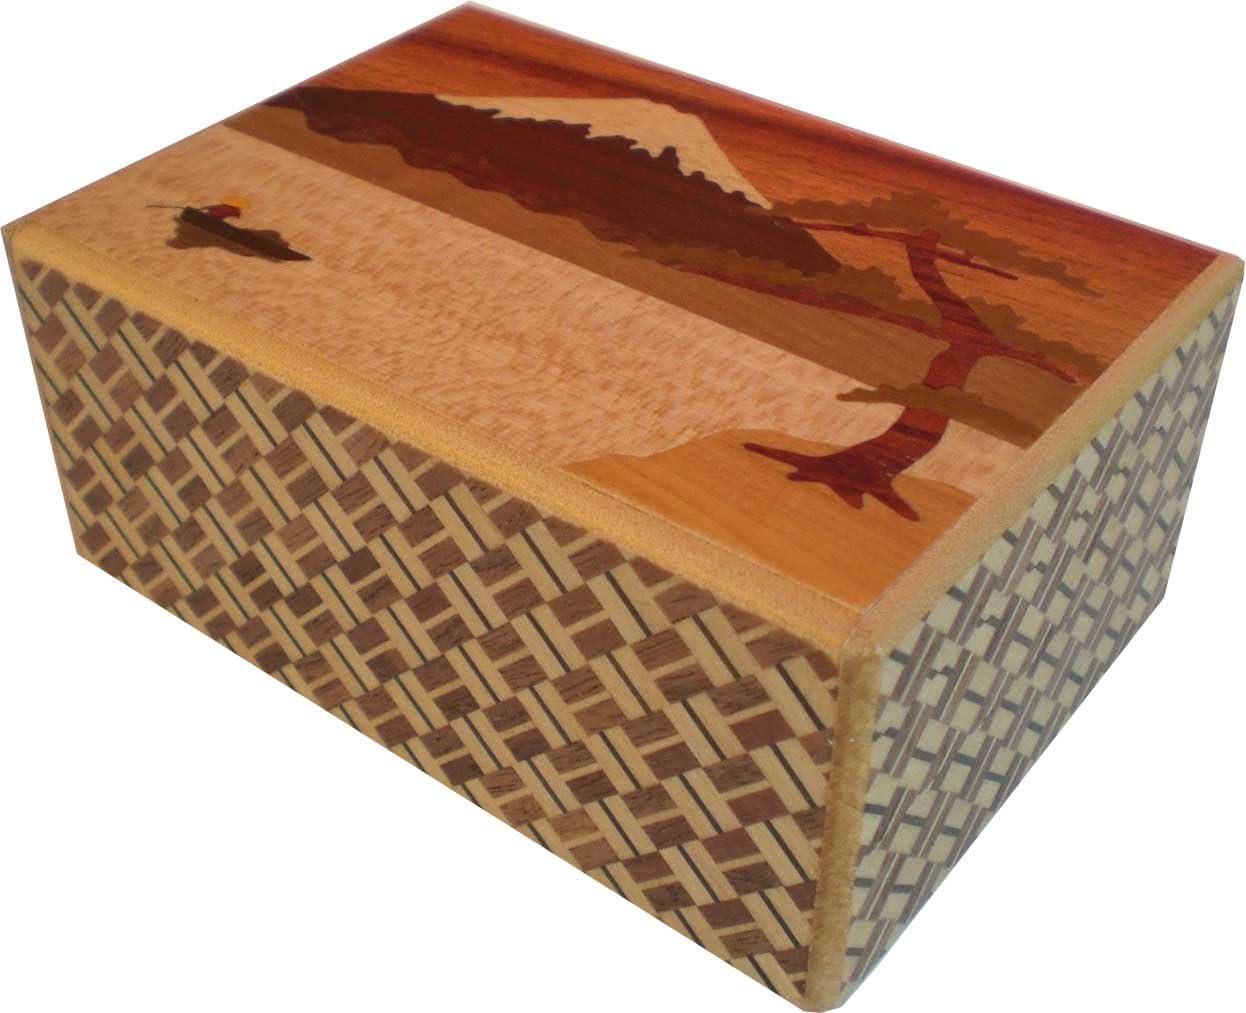 Caja de secretos Himitsu Bako del Japón 4 movimientos suns 7: Amazon.es: Hogar